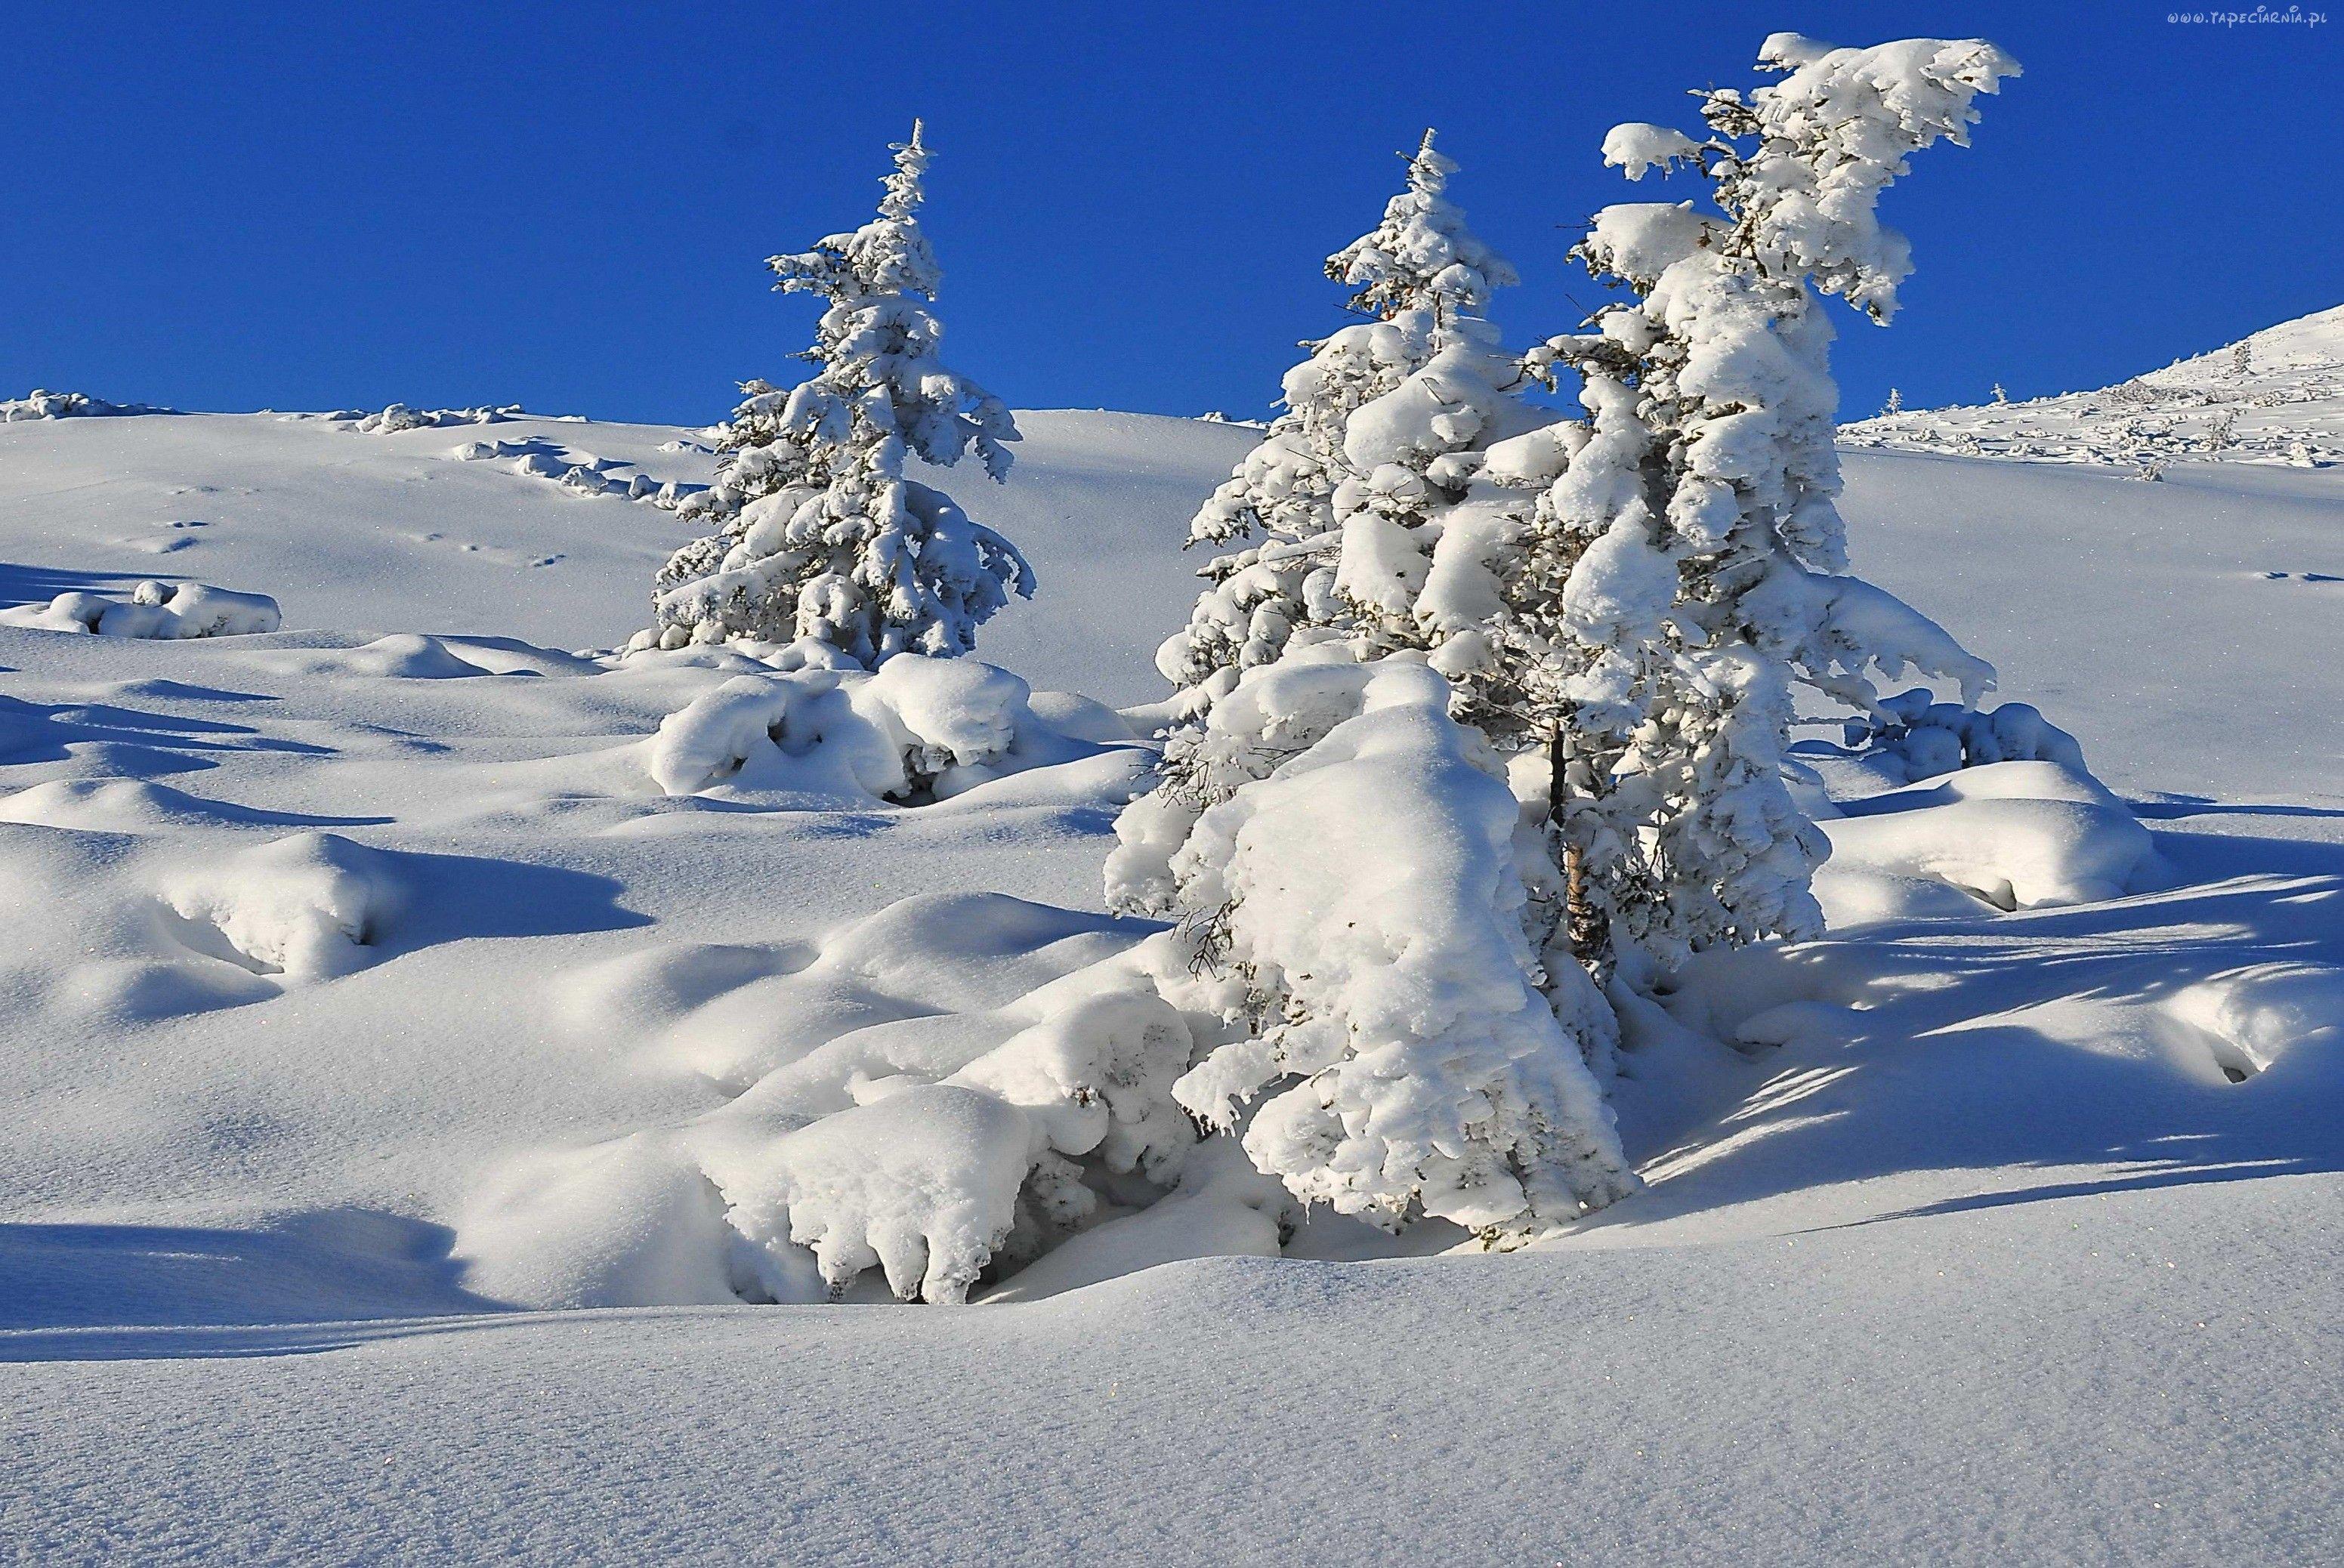 Zima, Śnieg, Świerki